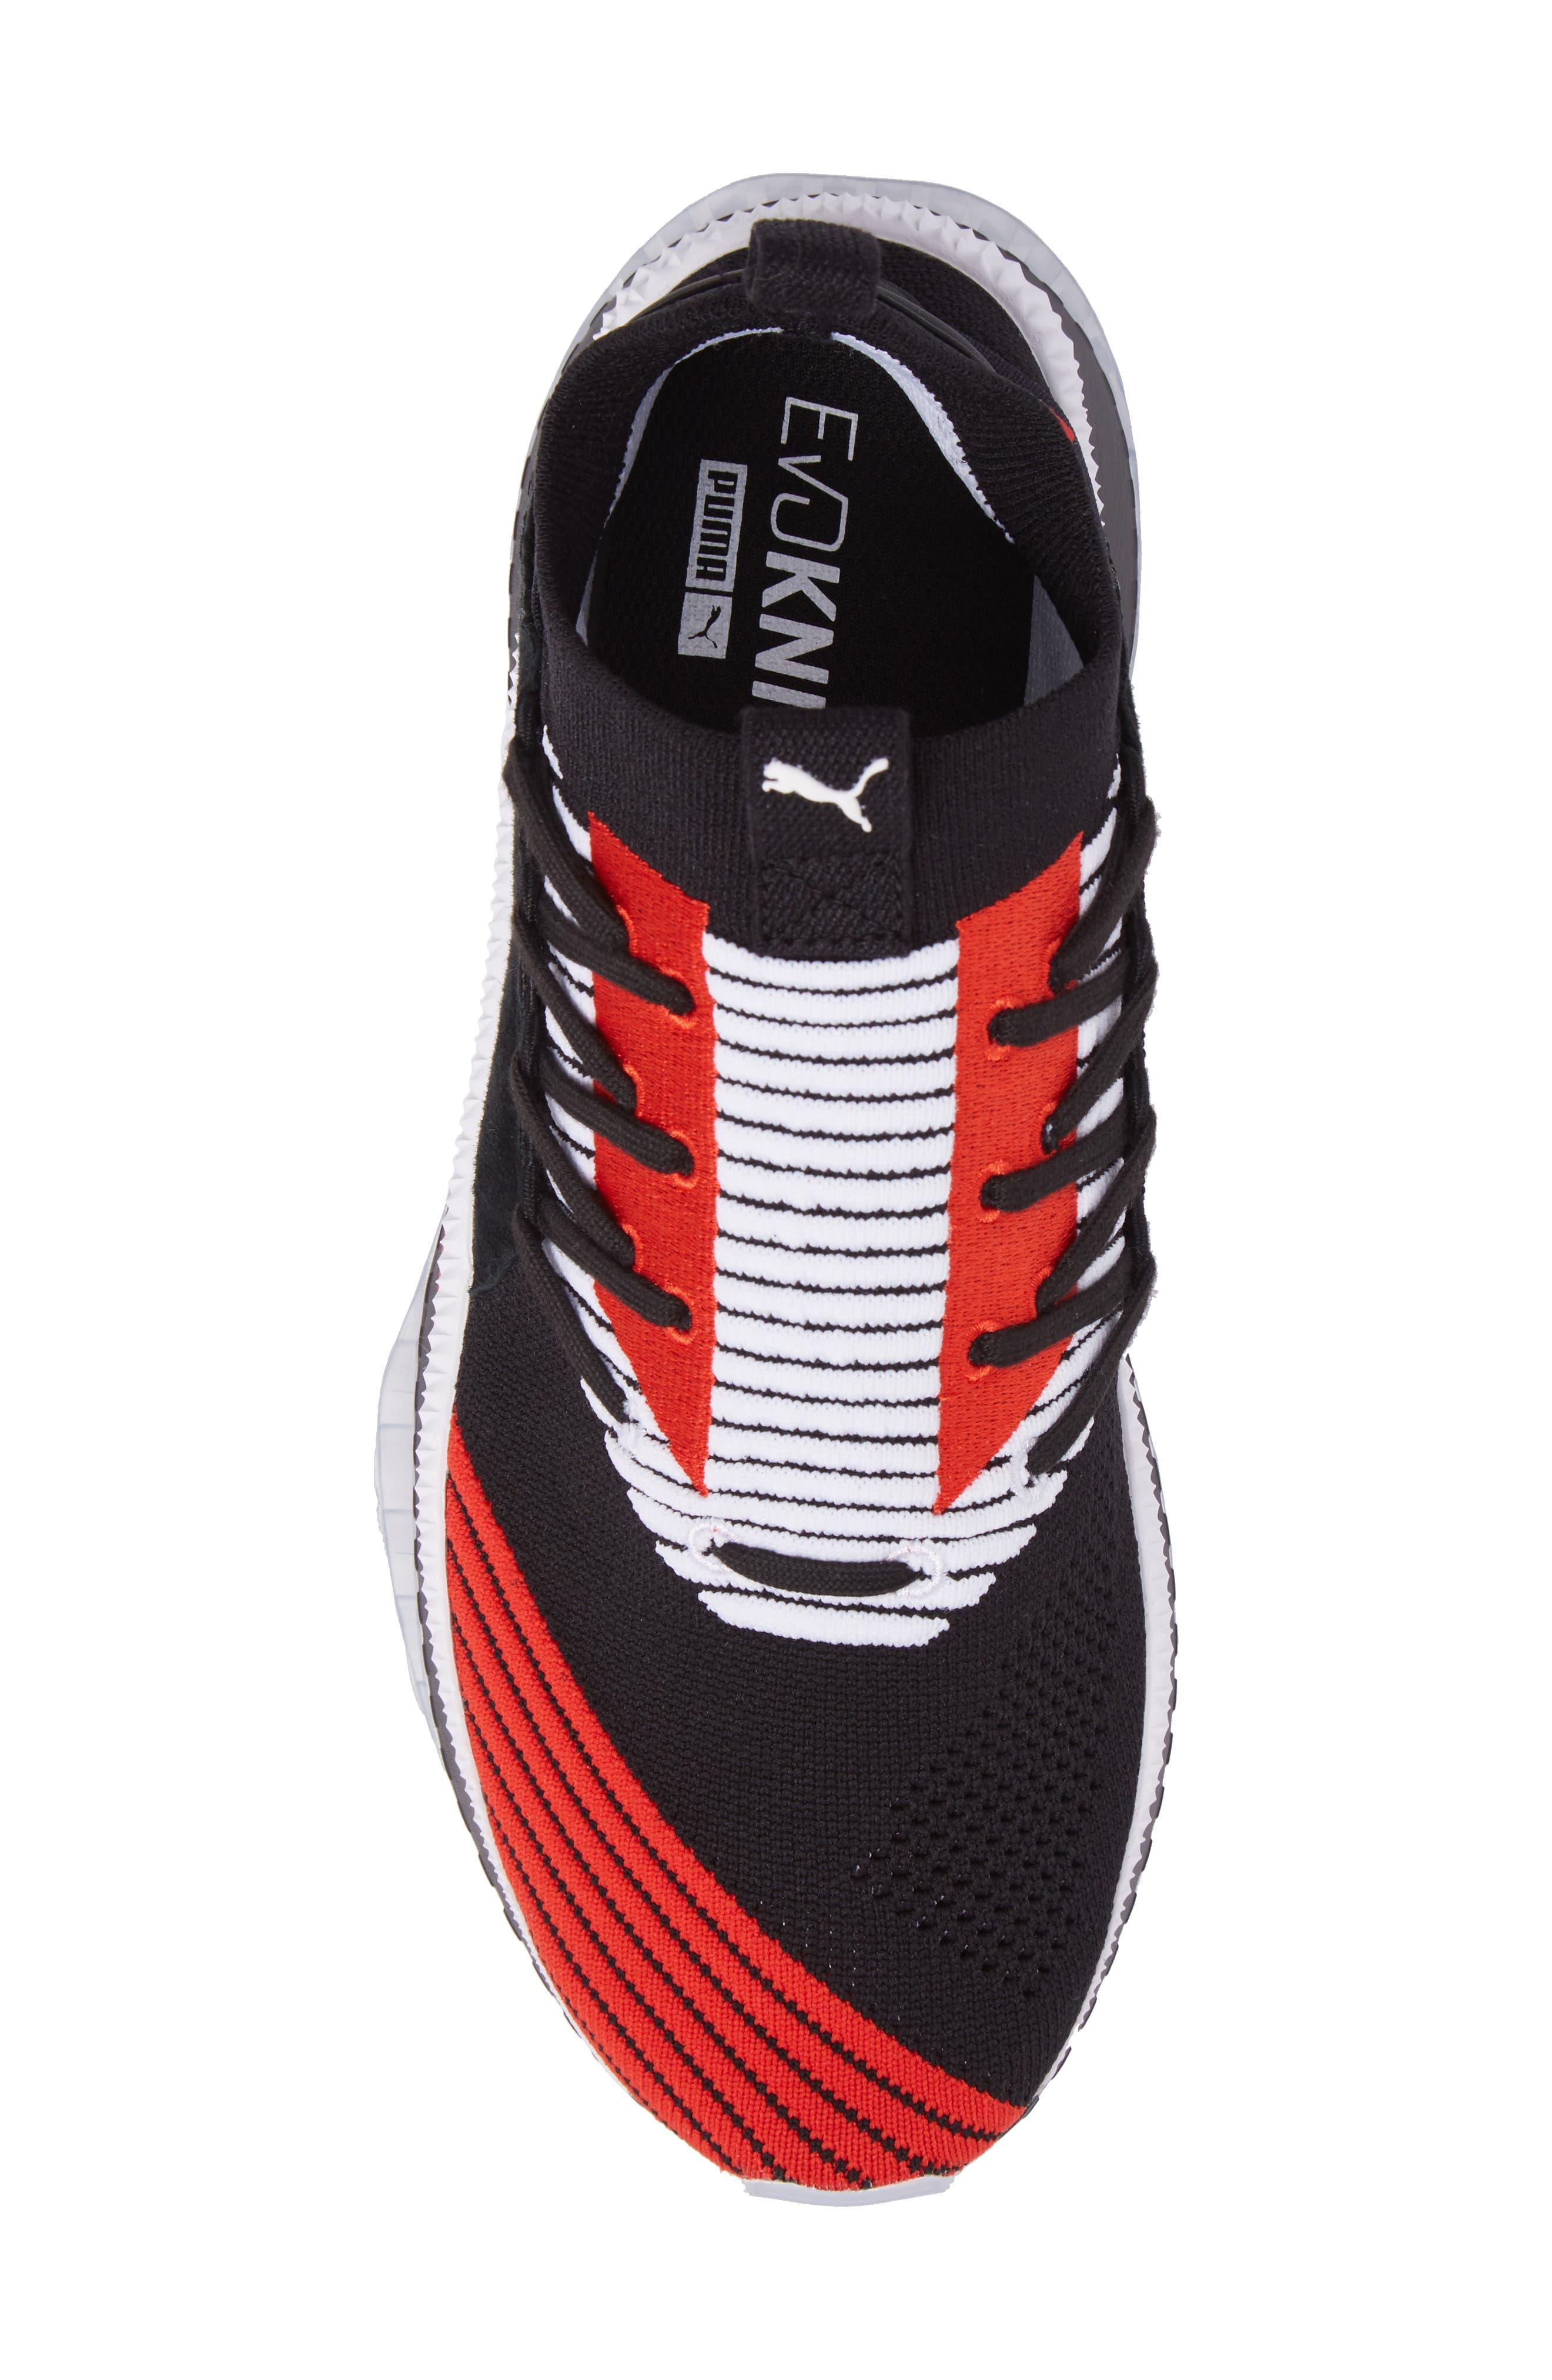 Tsugi Shinsei UT Odyssey Sneaker,                             Alternate thumbnail 5, color,                             010